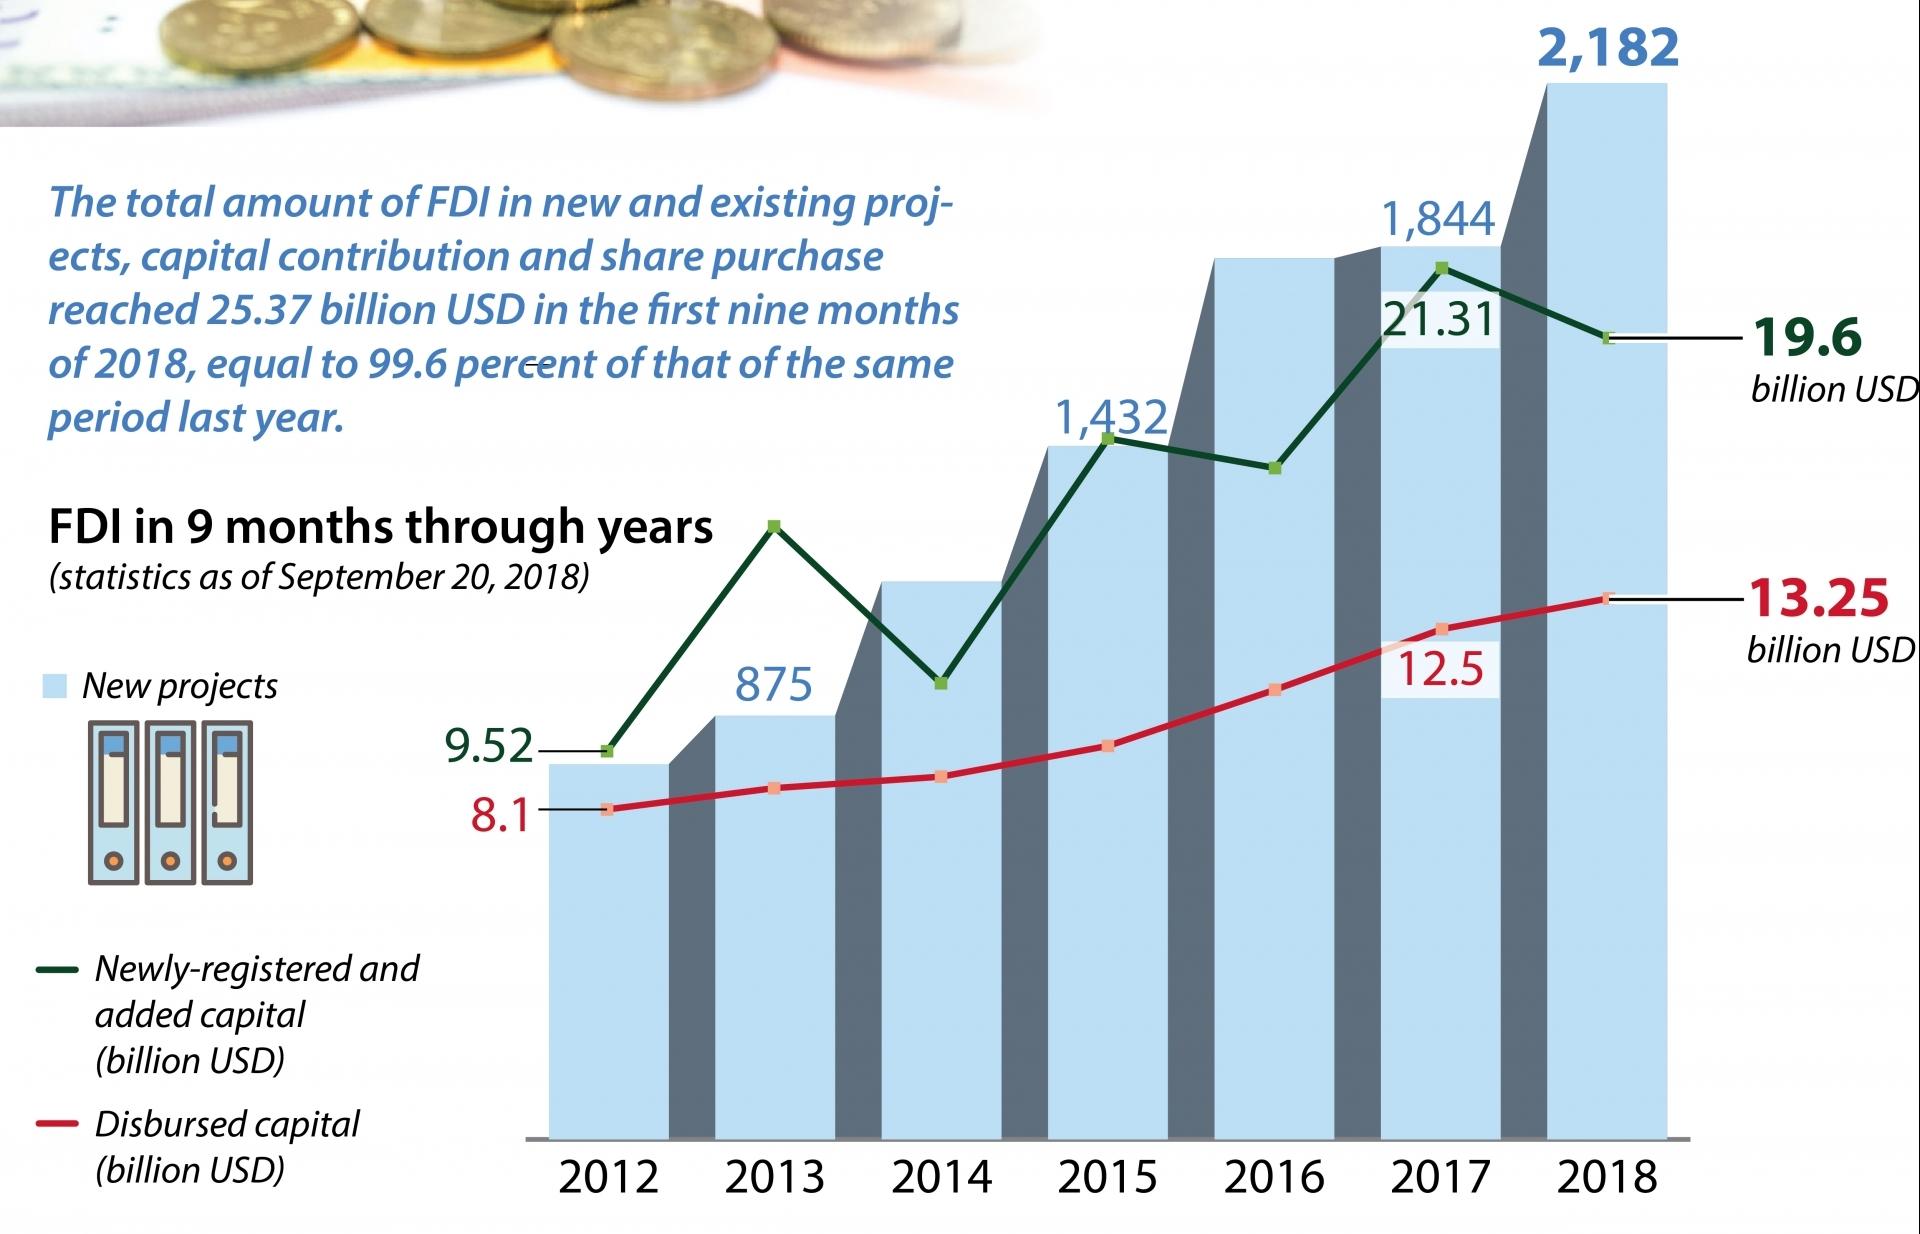 FDI in Vietnam hits US$25.37 billion in 9 months